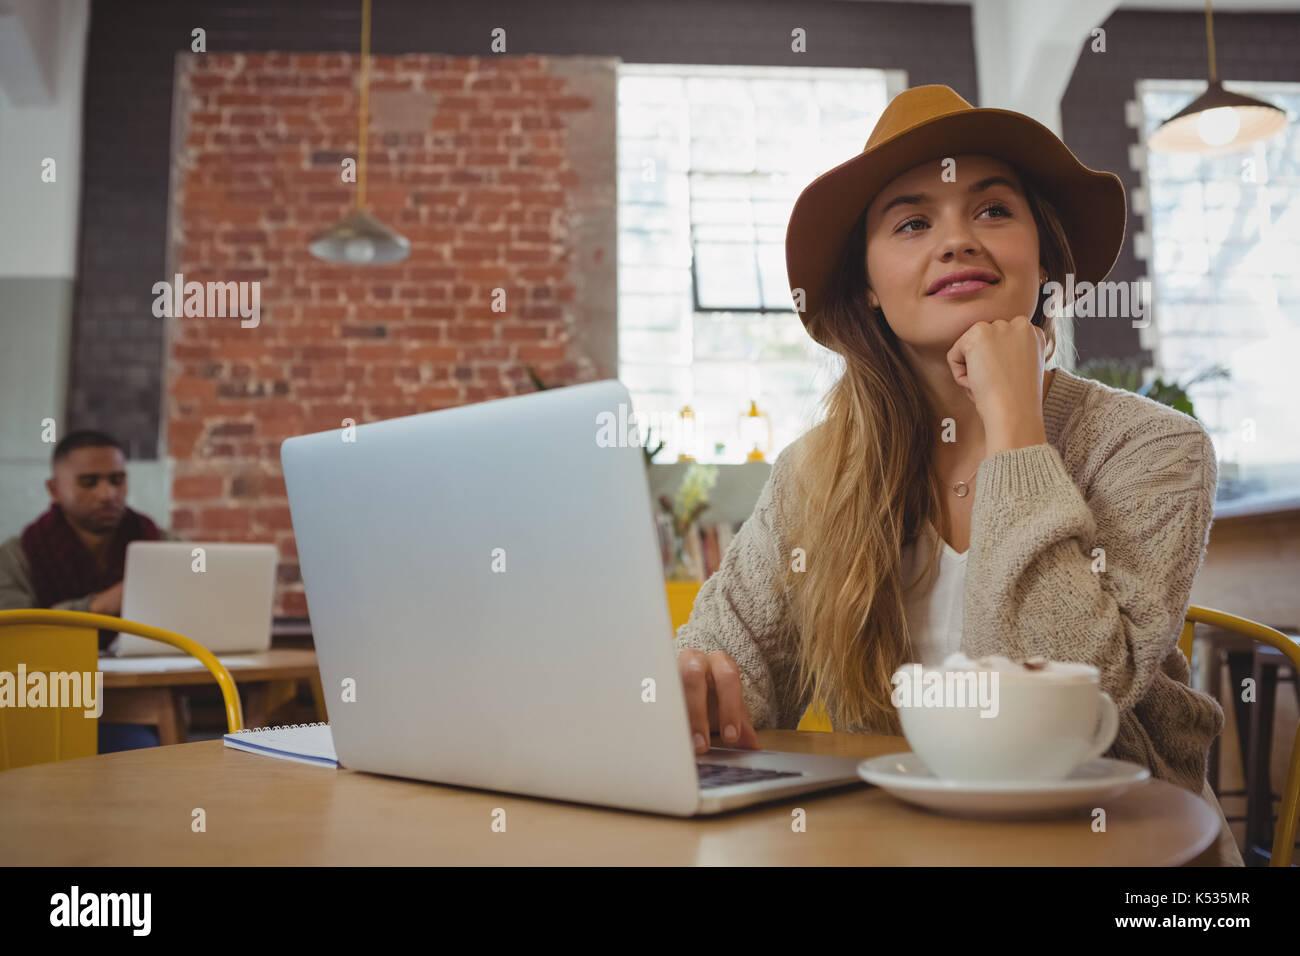 Pensativo joven con laptop apartar la mirada en el café Imagen De Stock